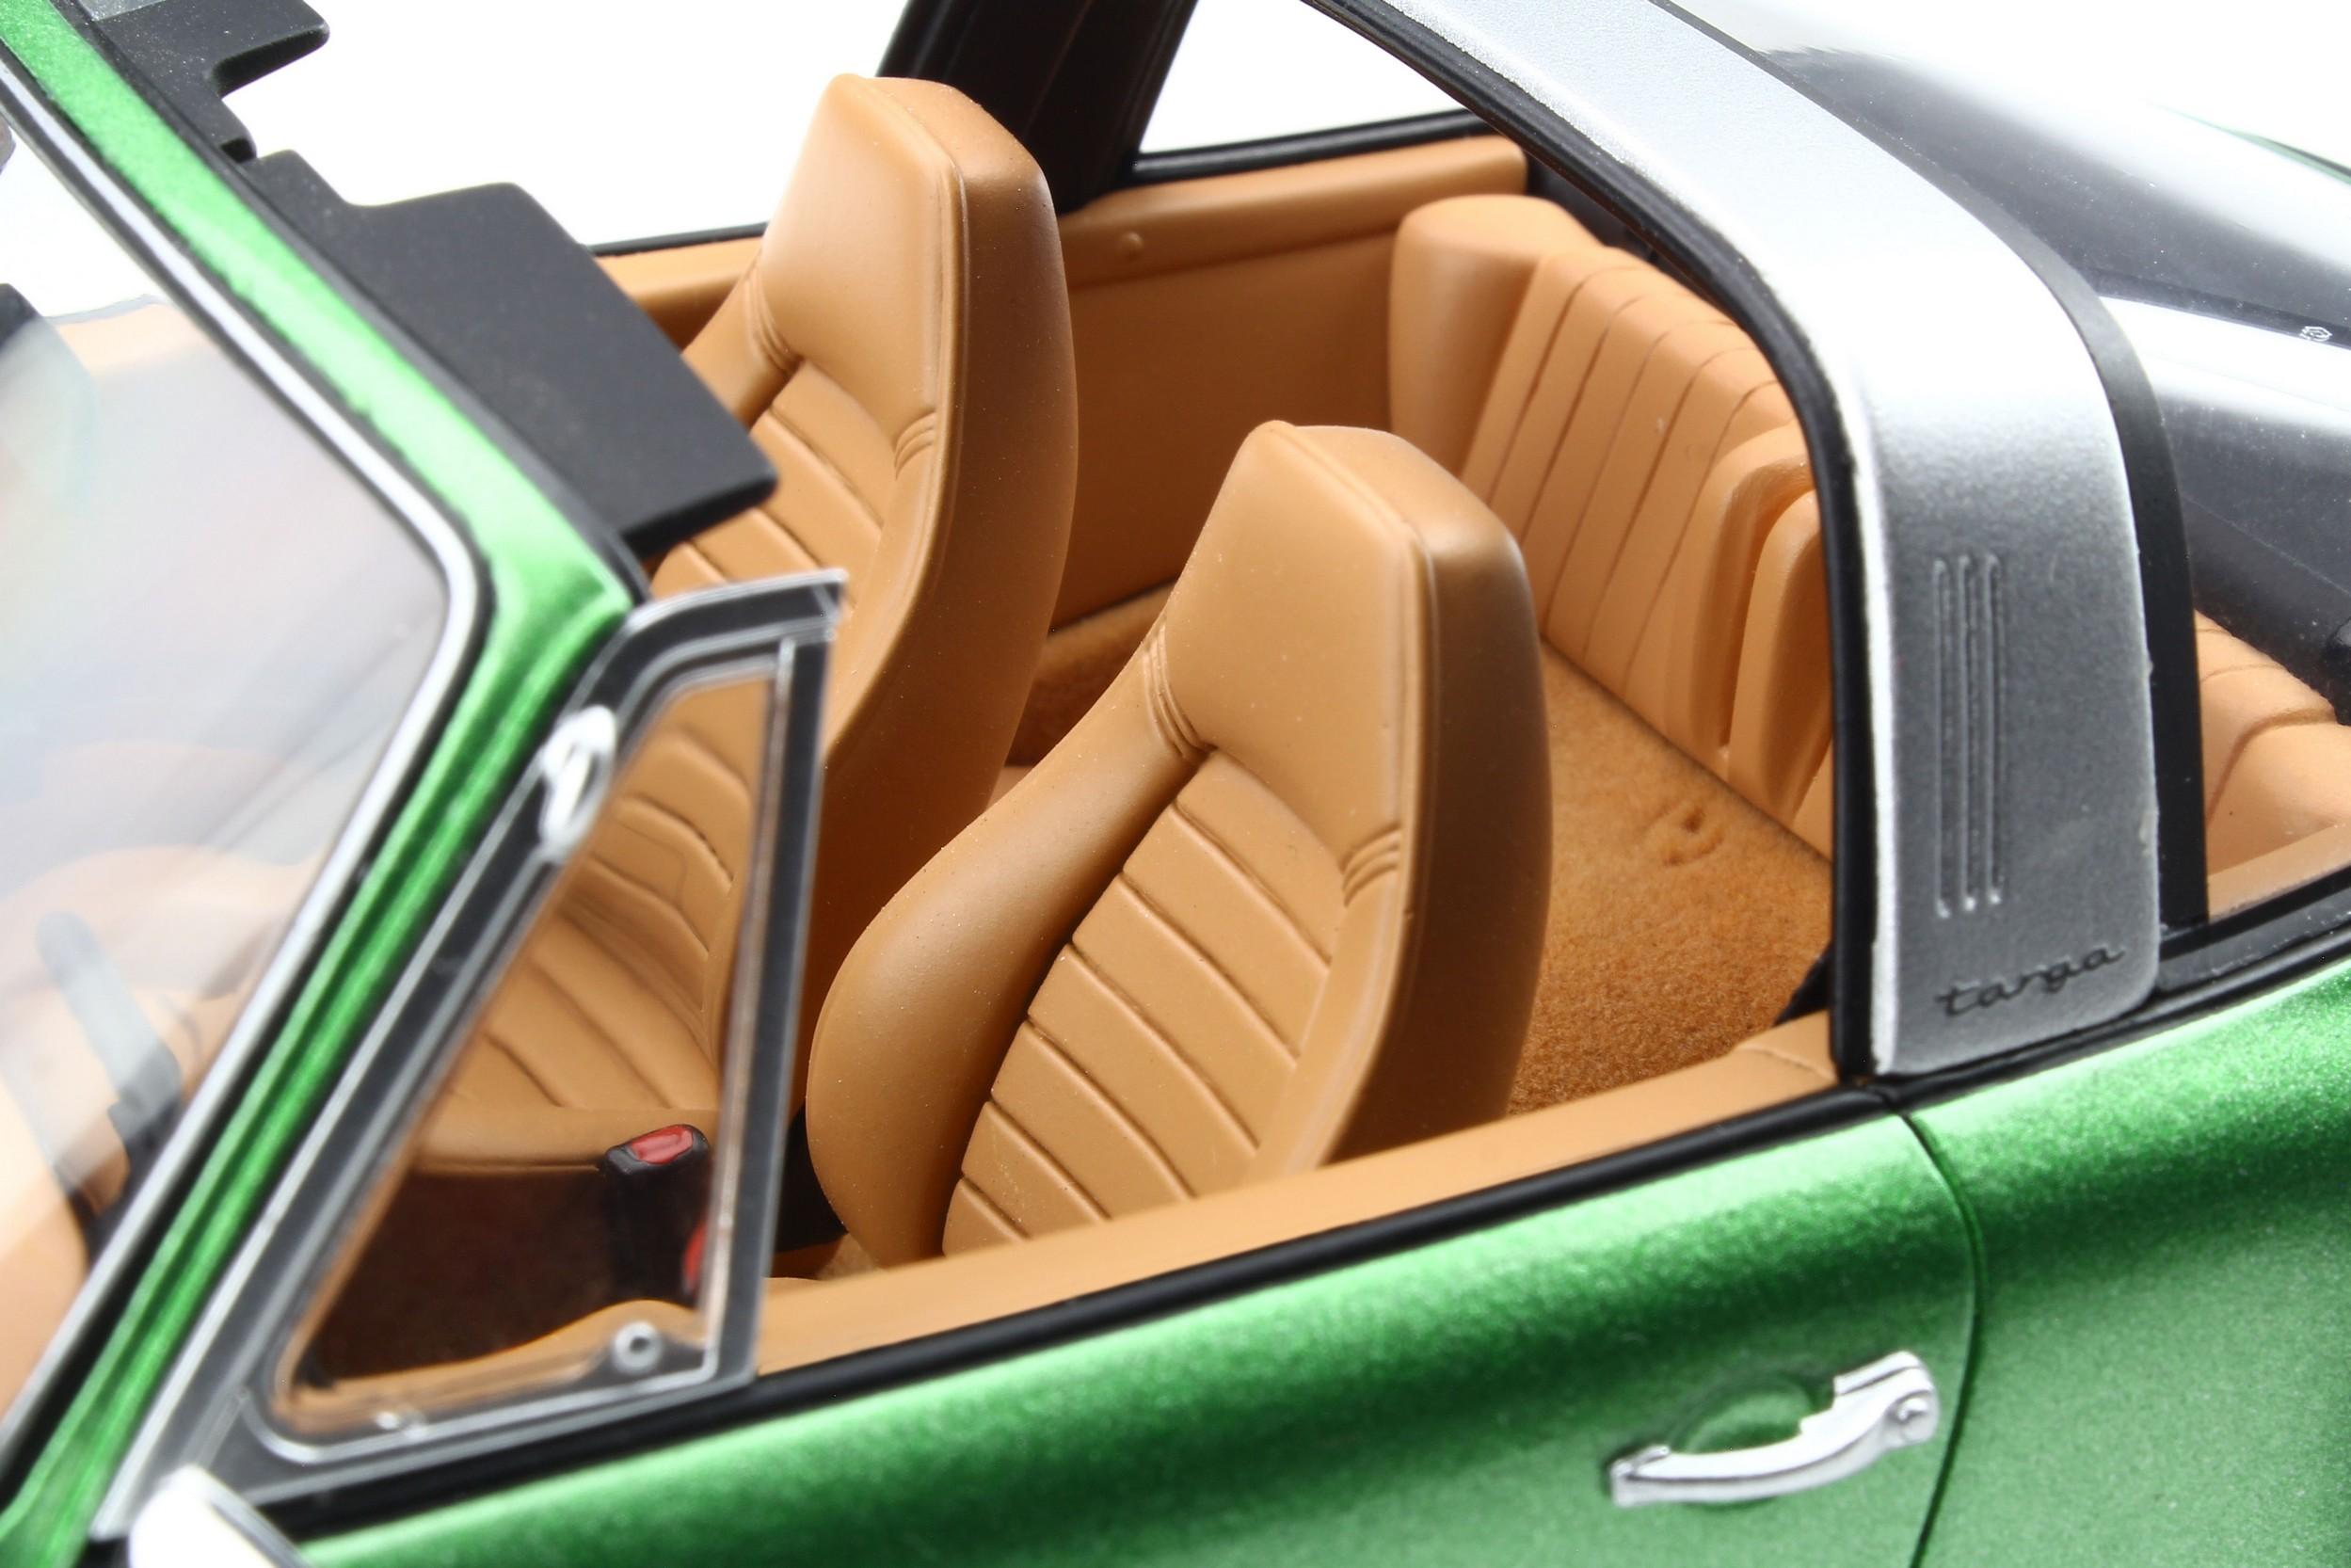 nuevo Porsche 911 s 2.7 Targa gt Spirit gt780 1:18 1974